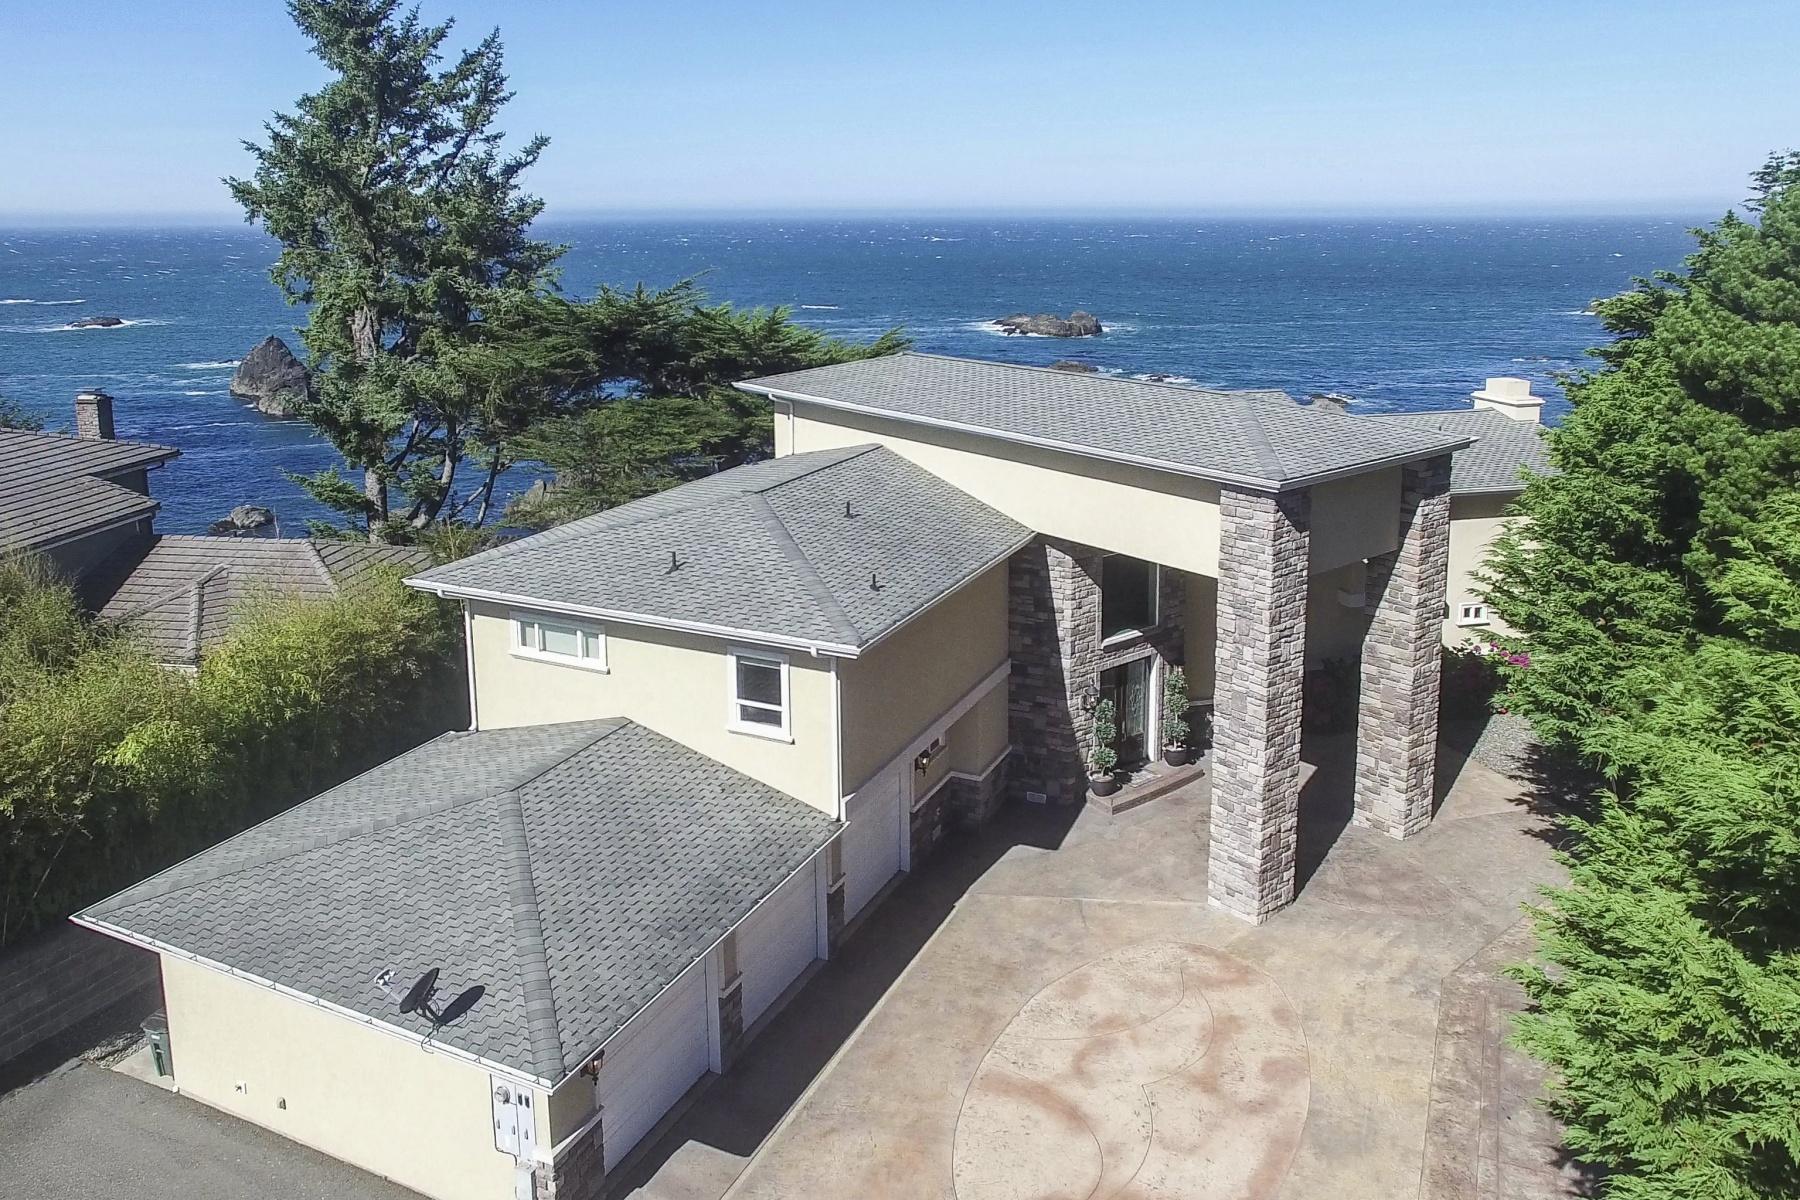 独户住宅 为 销售 在 1107 BYRTUS PL, BROOKINGS 布鲁金斯, 俄勒冈州 97415 美国